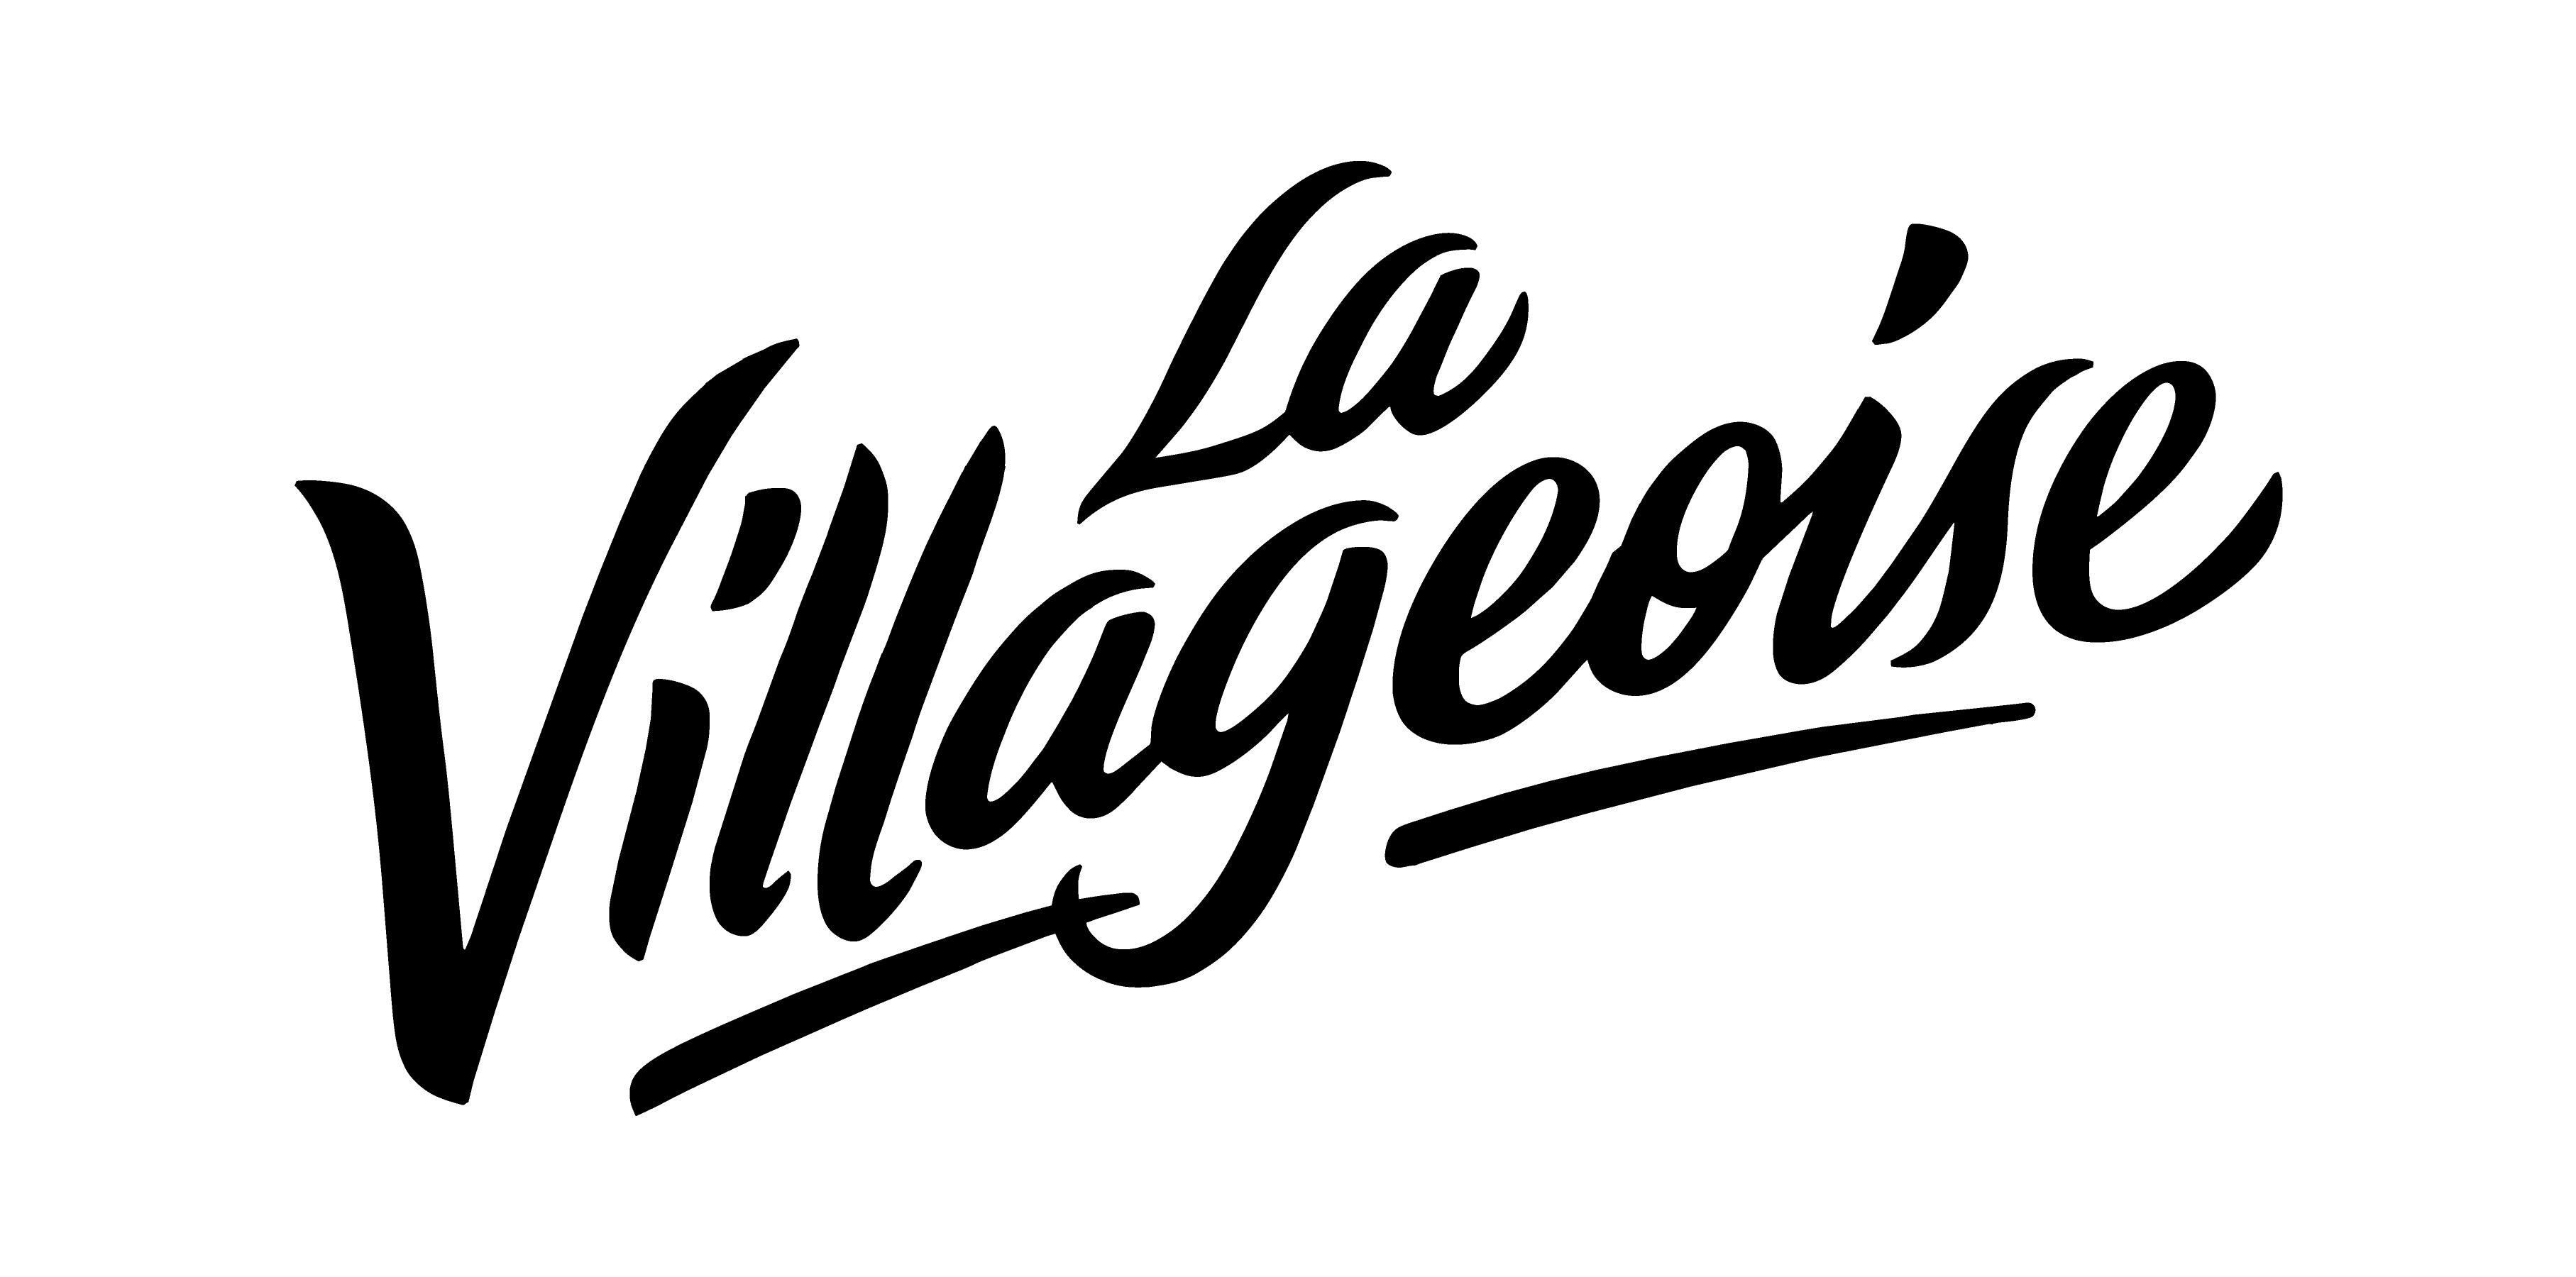 La Villageoise